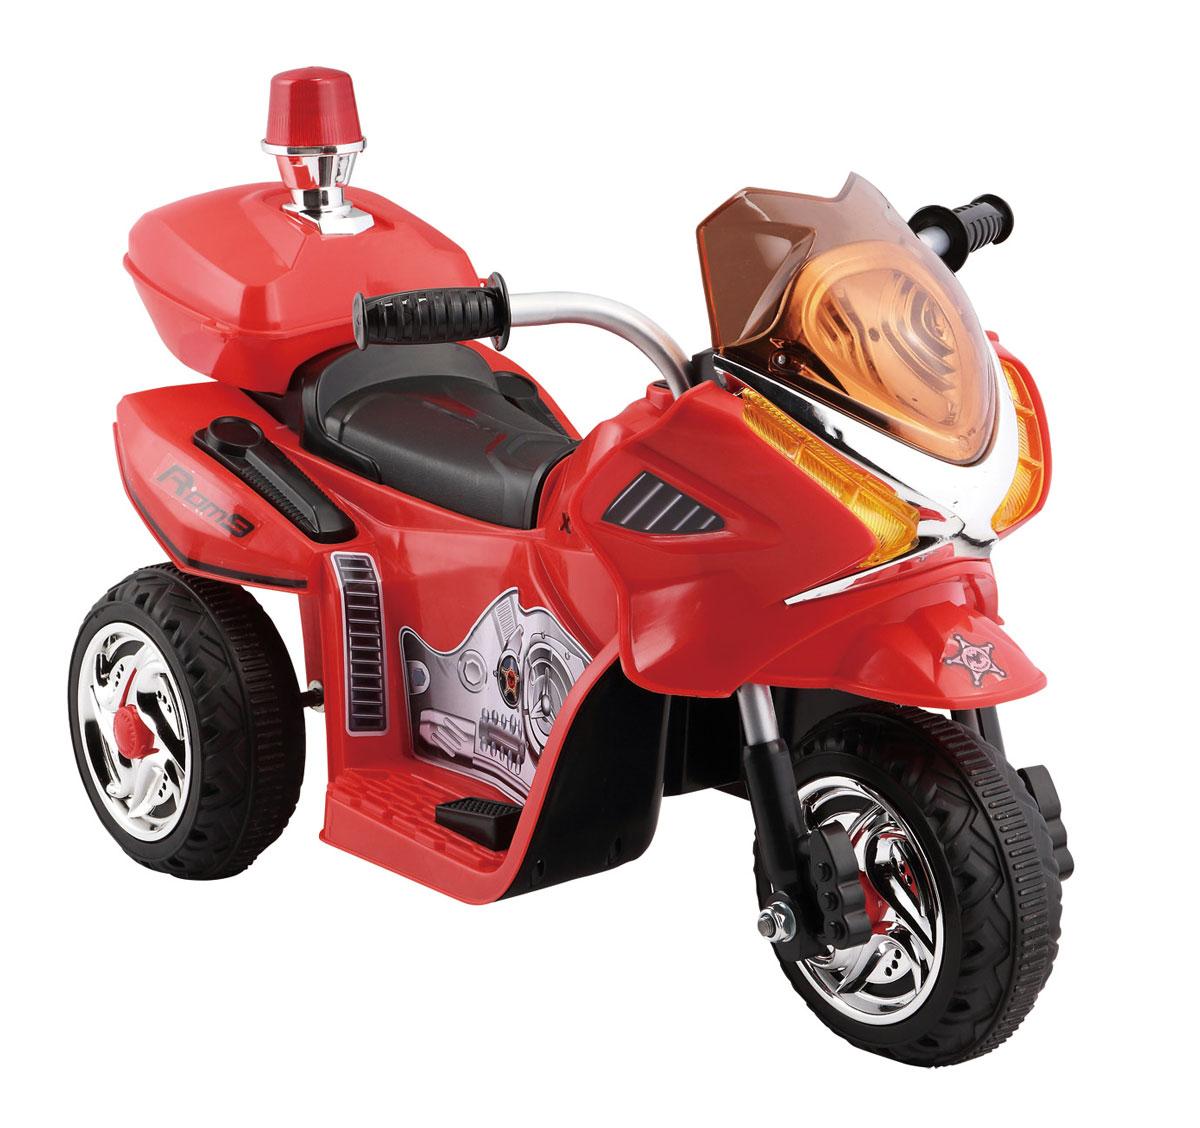 Детский аккумуляторный мотоцикл со световыми и звуковыми эффектами 1TOY. Управляемый мотоцикл может стать одной из самых любимых игрушек ребенка. Мотоцикл имеет максимально реалистичный вид, выполнен в ярких, привлекательных цветах, что делает его ещё более интересным. Оснащен звуковыми сигналами и музыкальным сопровождением. Во избежание проблем с эксплуатацией модель сопровождается подробной инструкцией на русском языке.